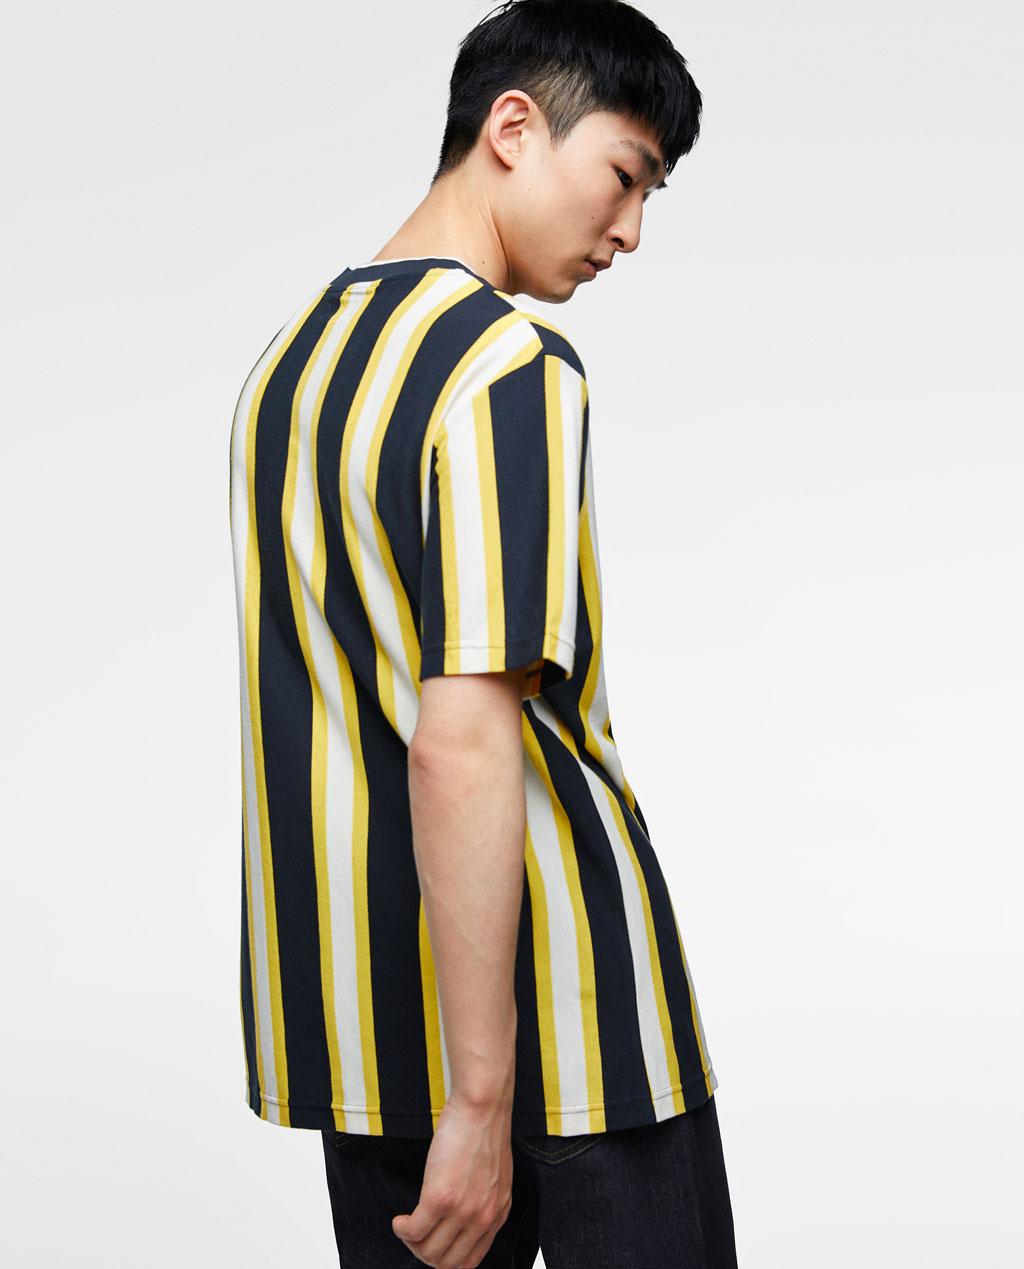 Thời trang nam Zara  24152 - ảnh 3